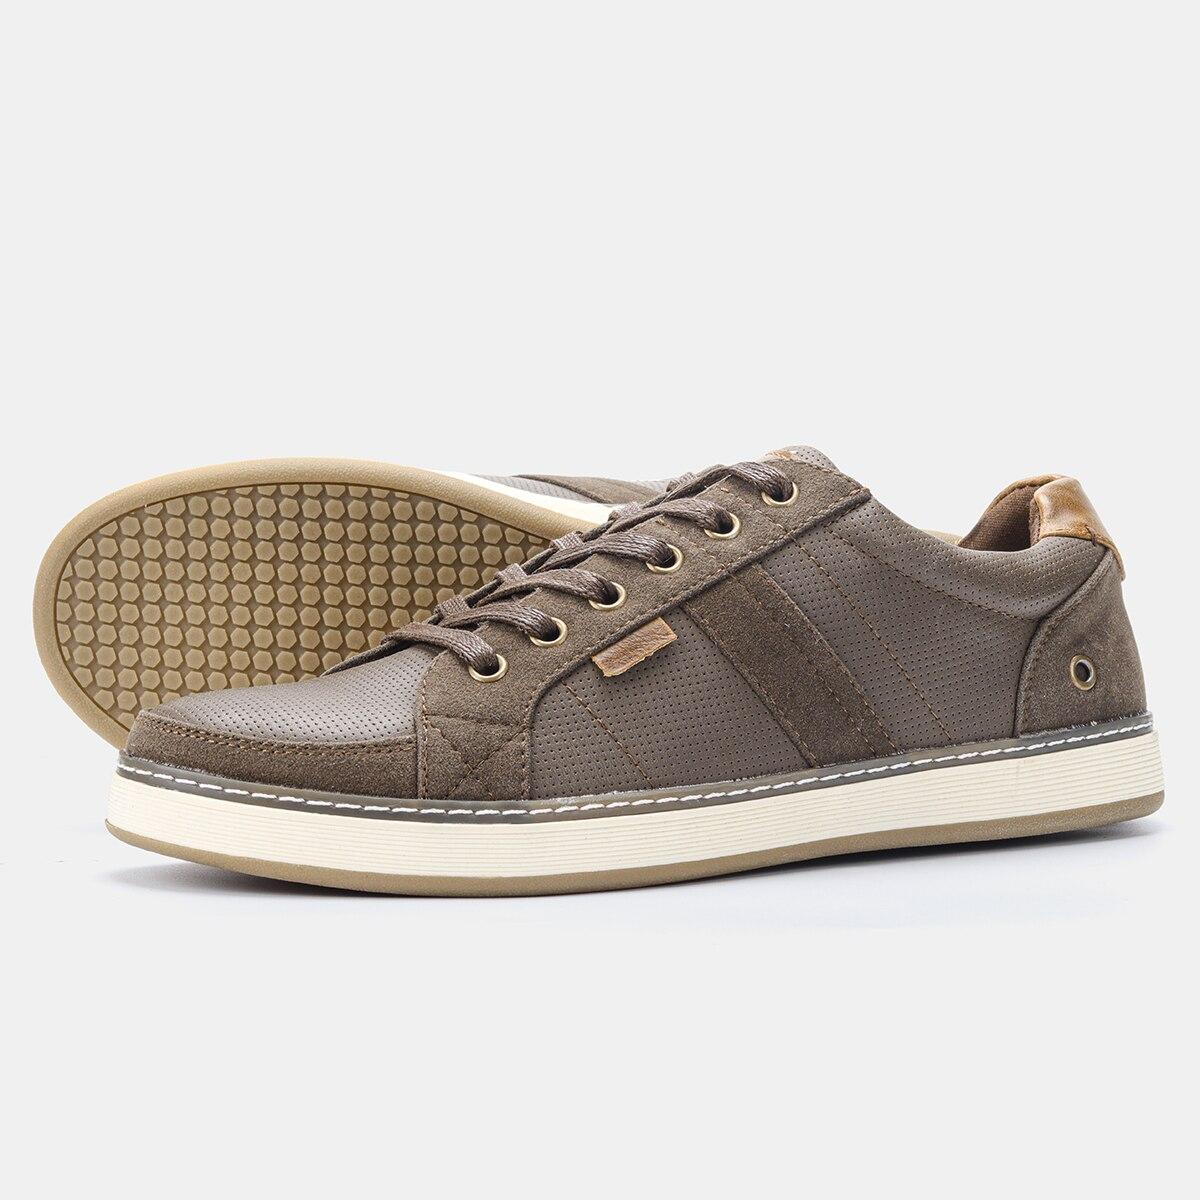 2021 الرجال تدليك palts أحذية جديدة الرجال أحذية رياضية تنفس الرجال الصيف أحذية مريحة موضة حذاء رجالي كاجوال